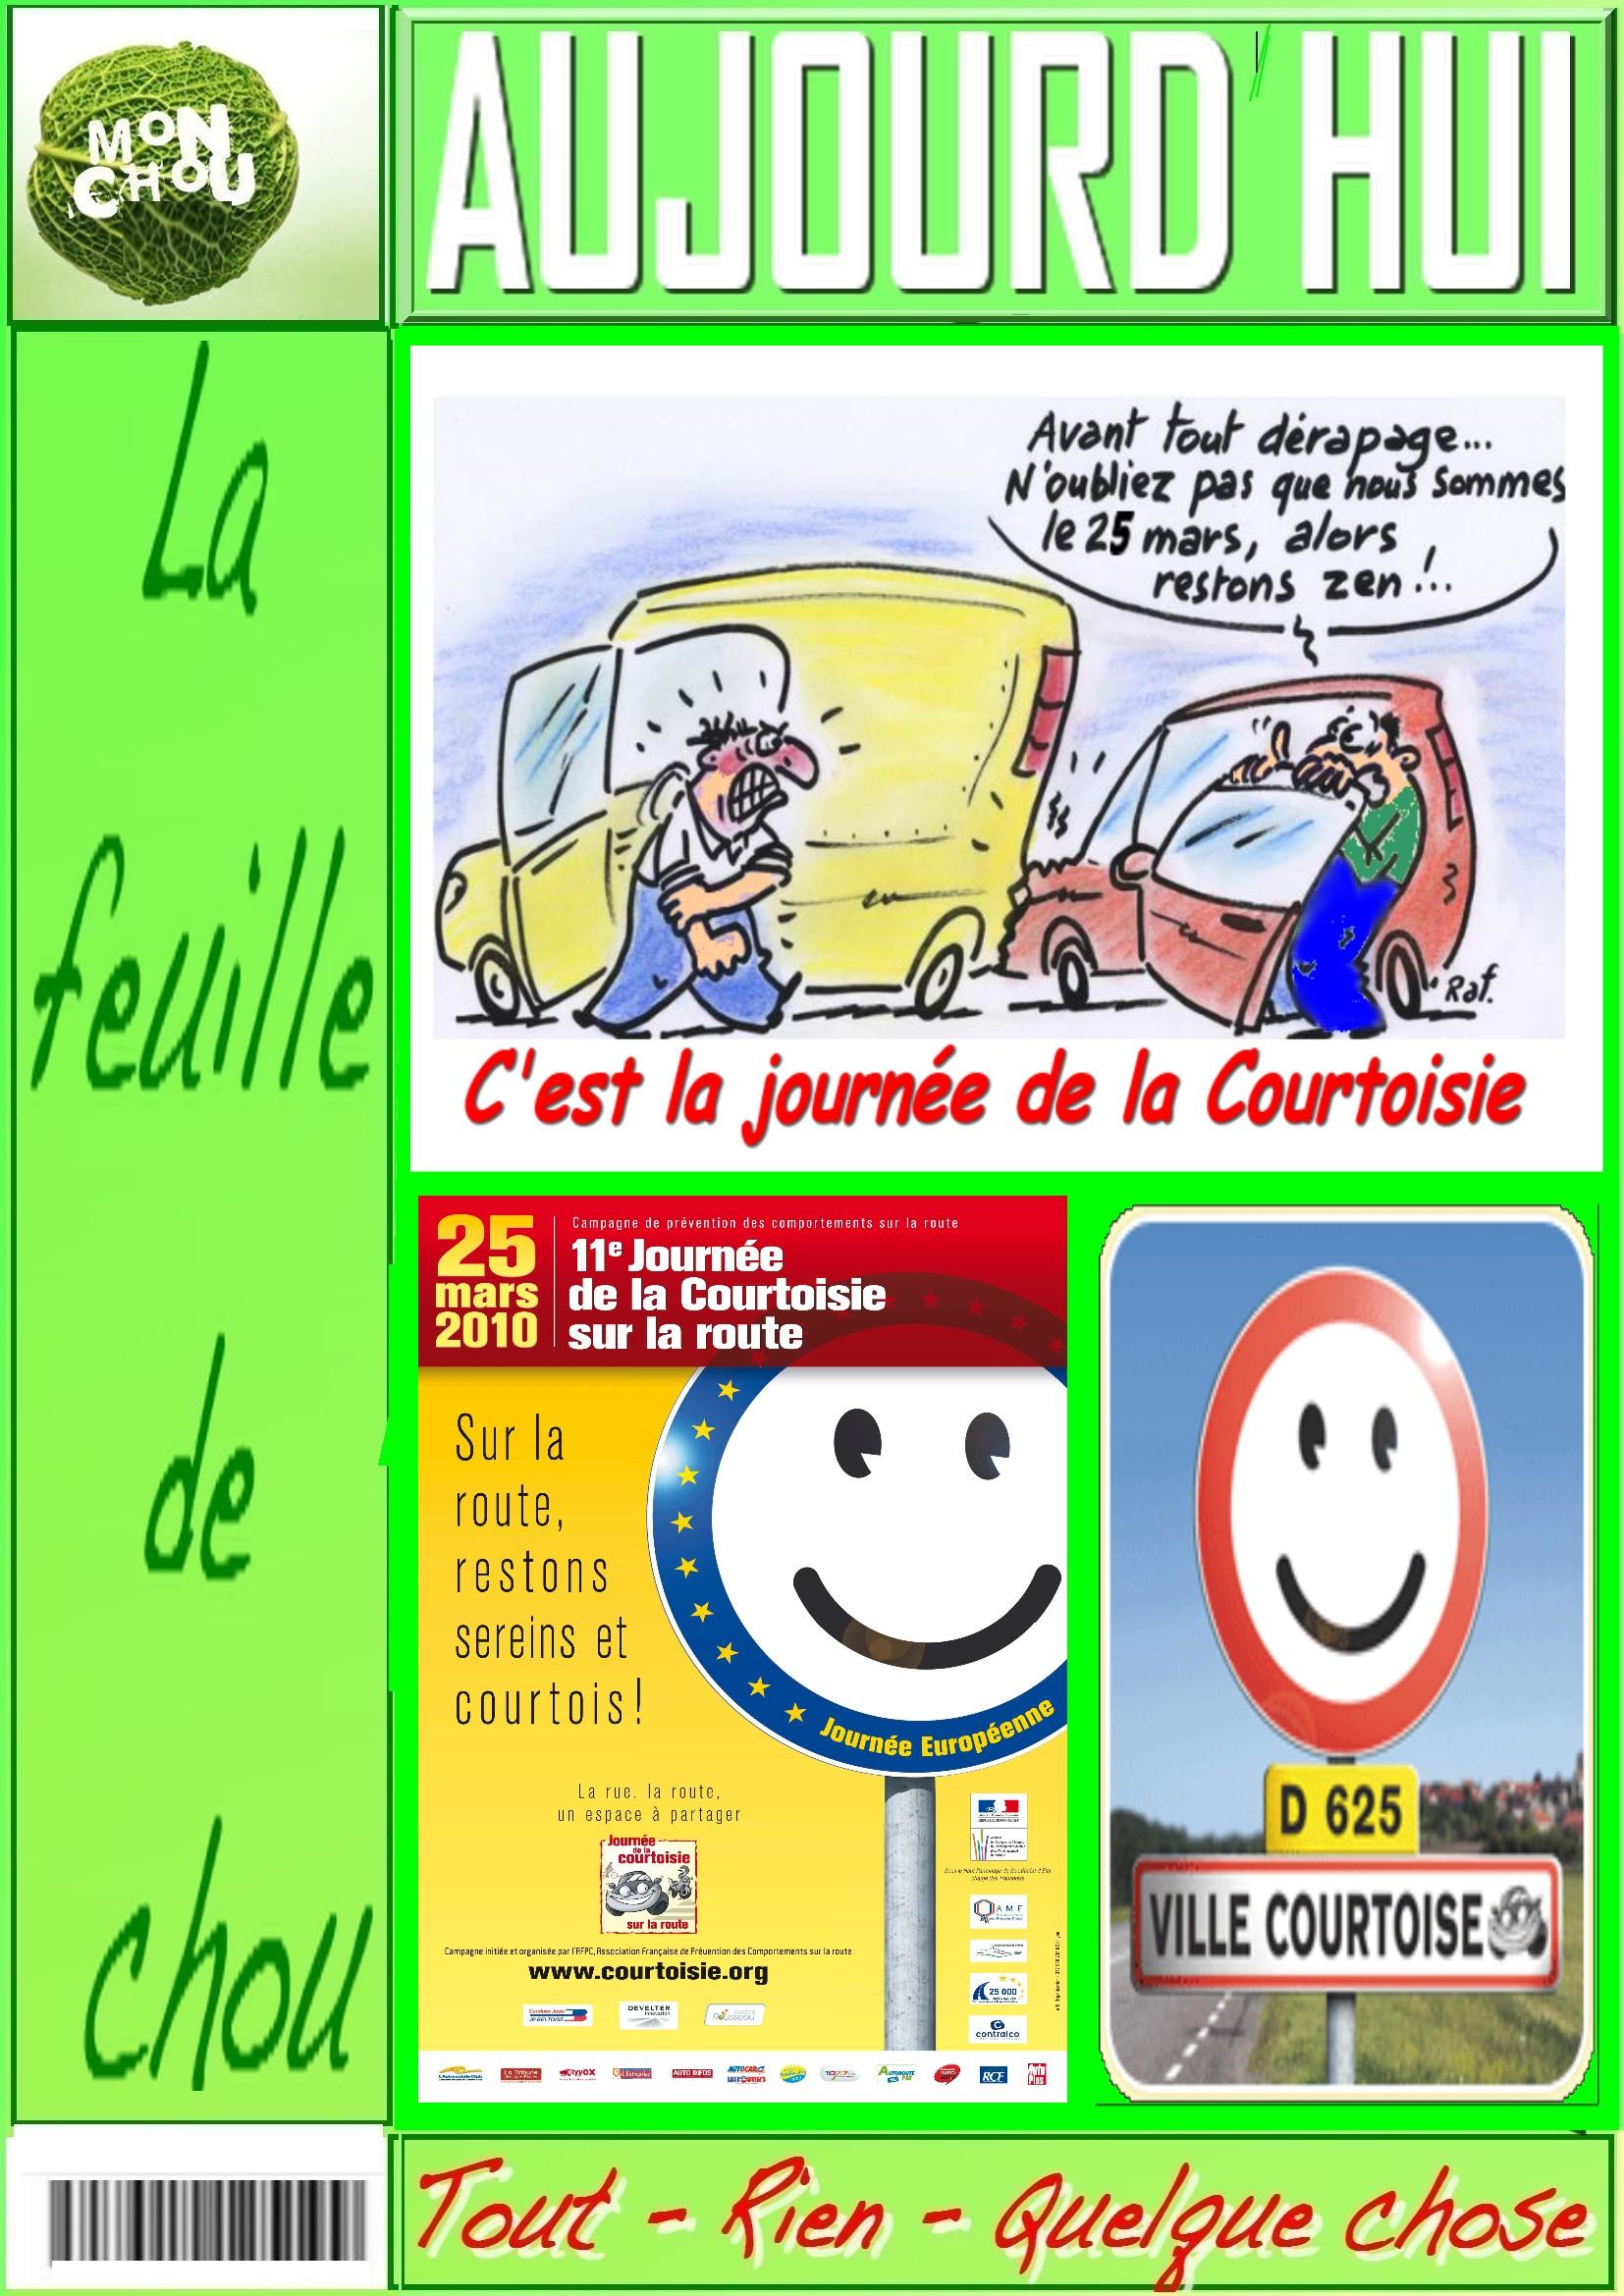 JOURNEE NATIONALE DE LA COURTOISIE dans Le saviez vous ? 100325083450984875698248